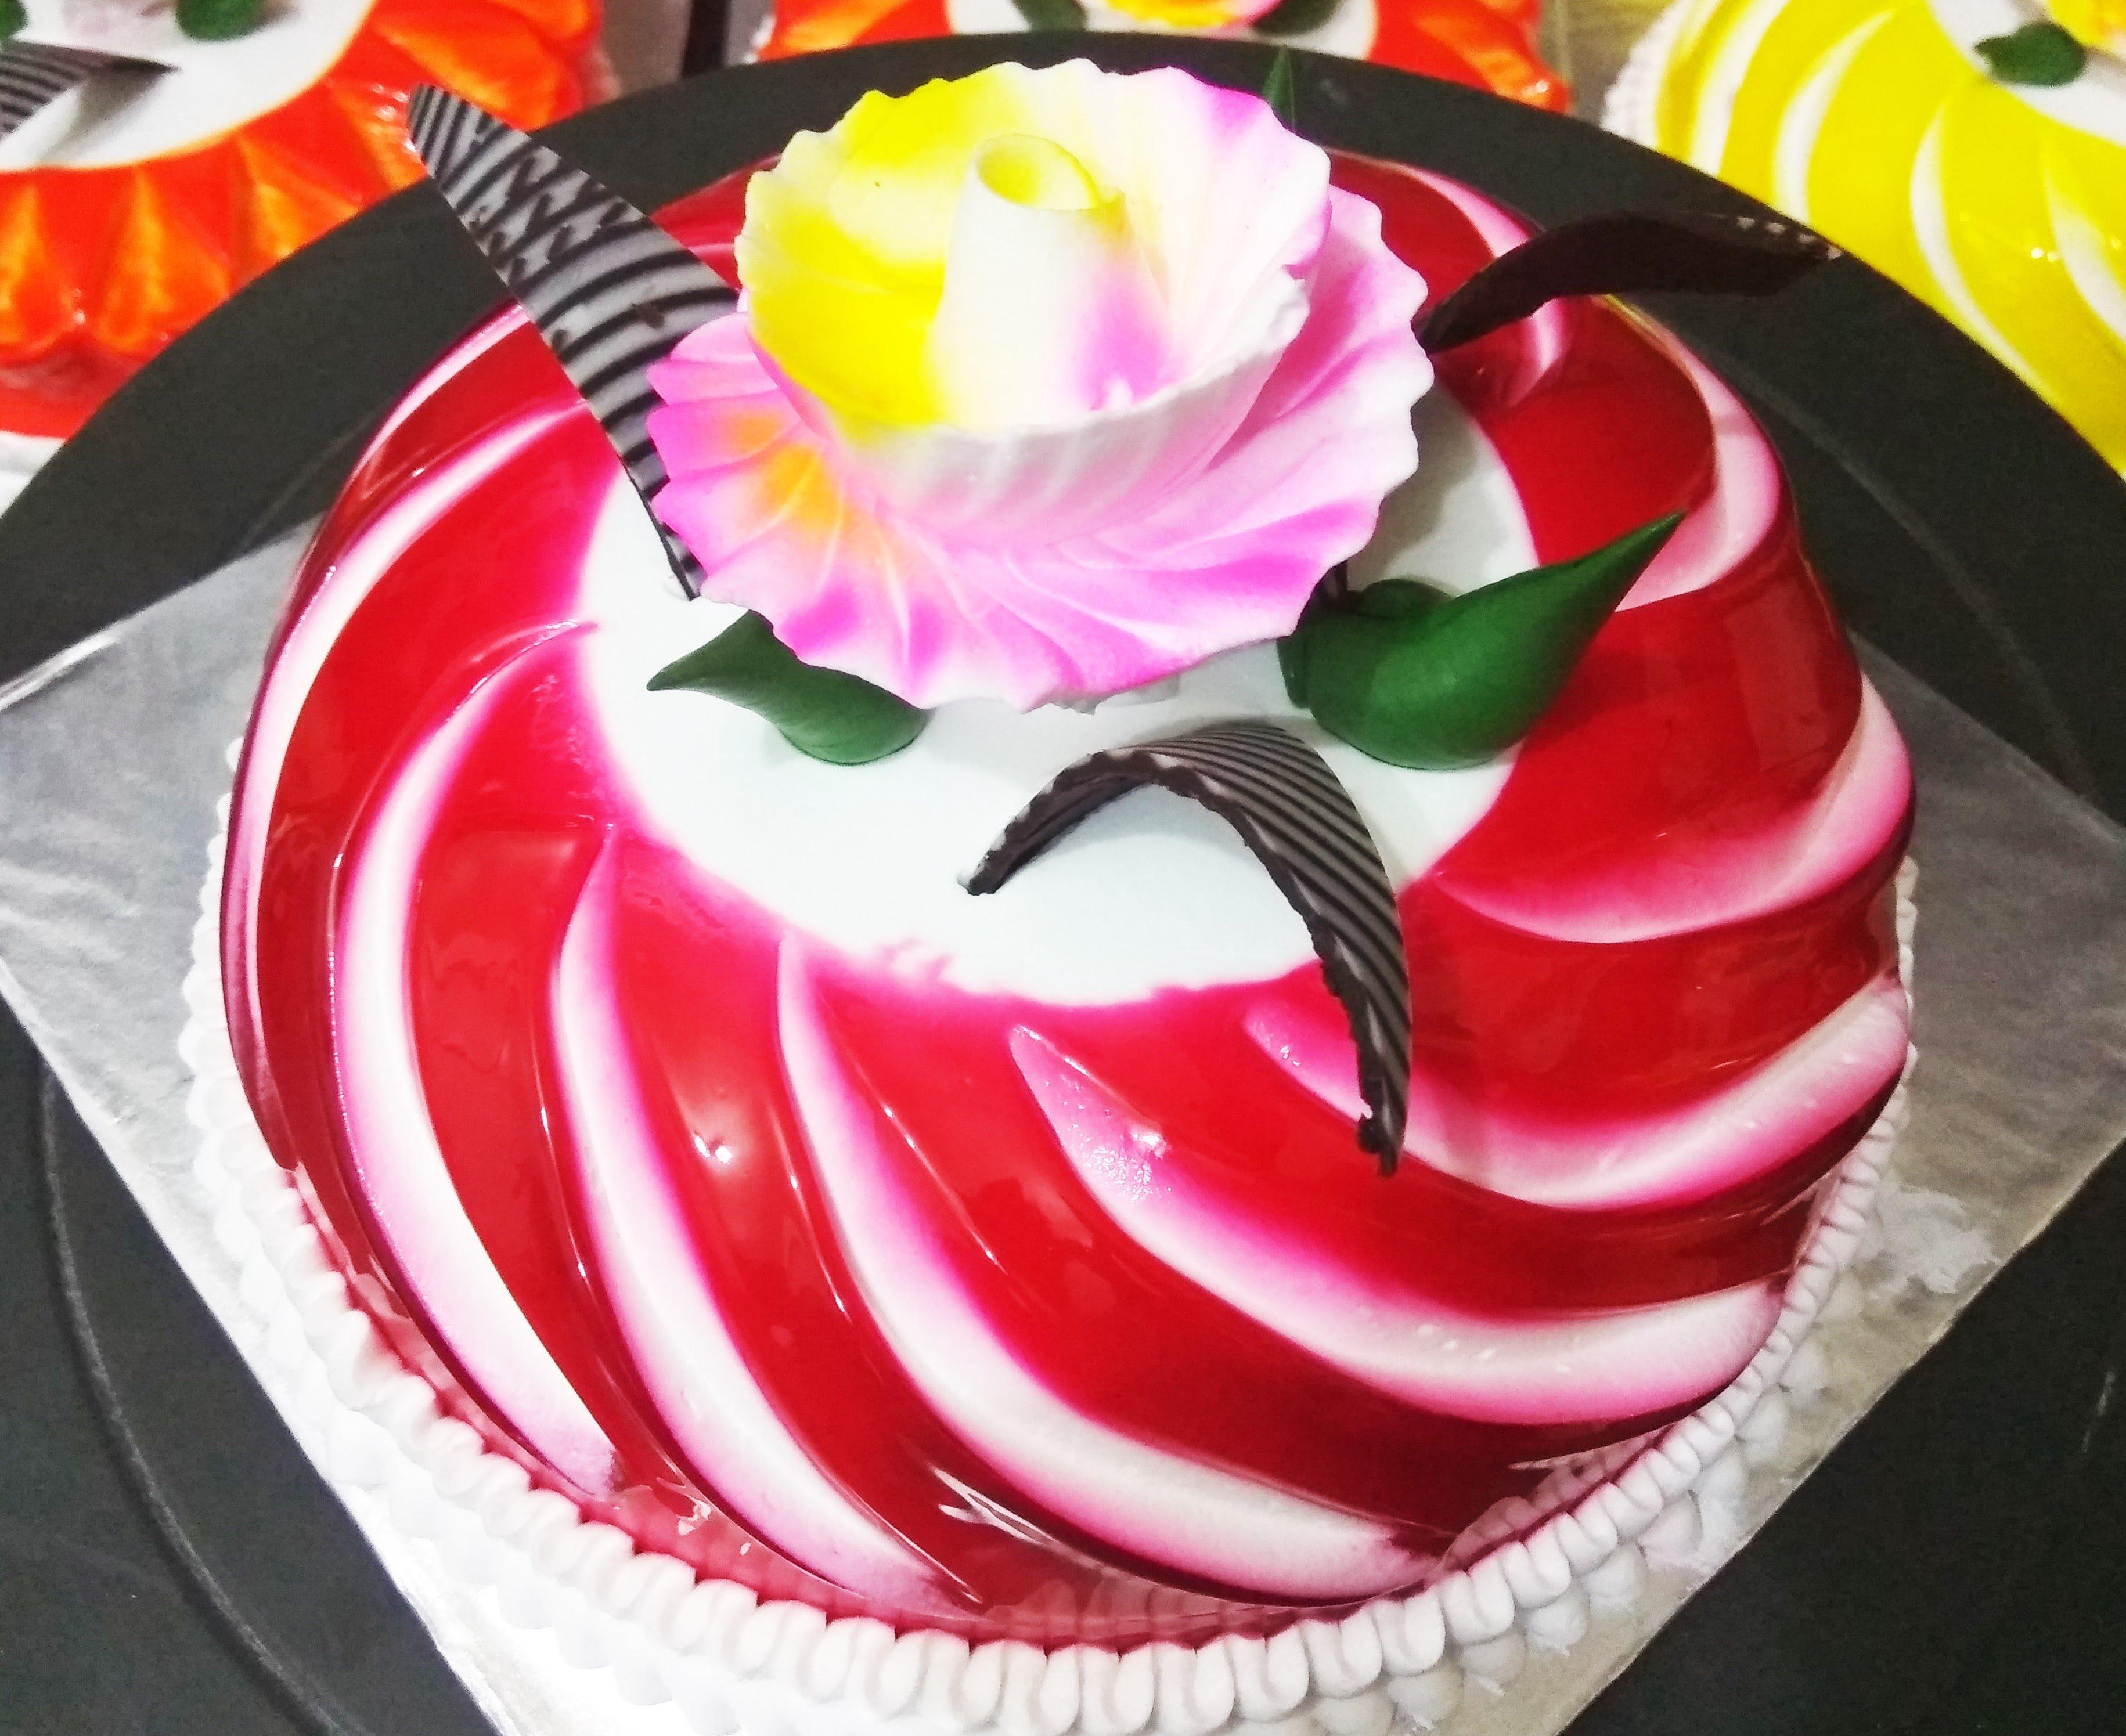 Beautiful cake photo